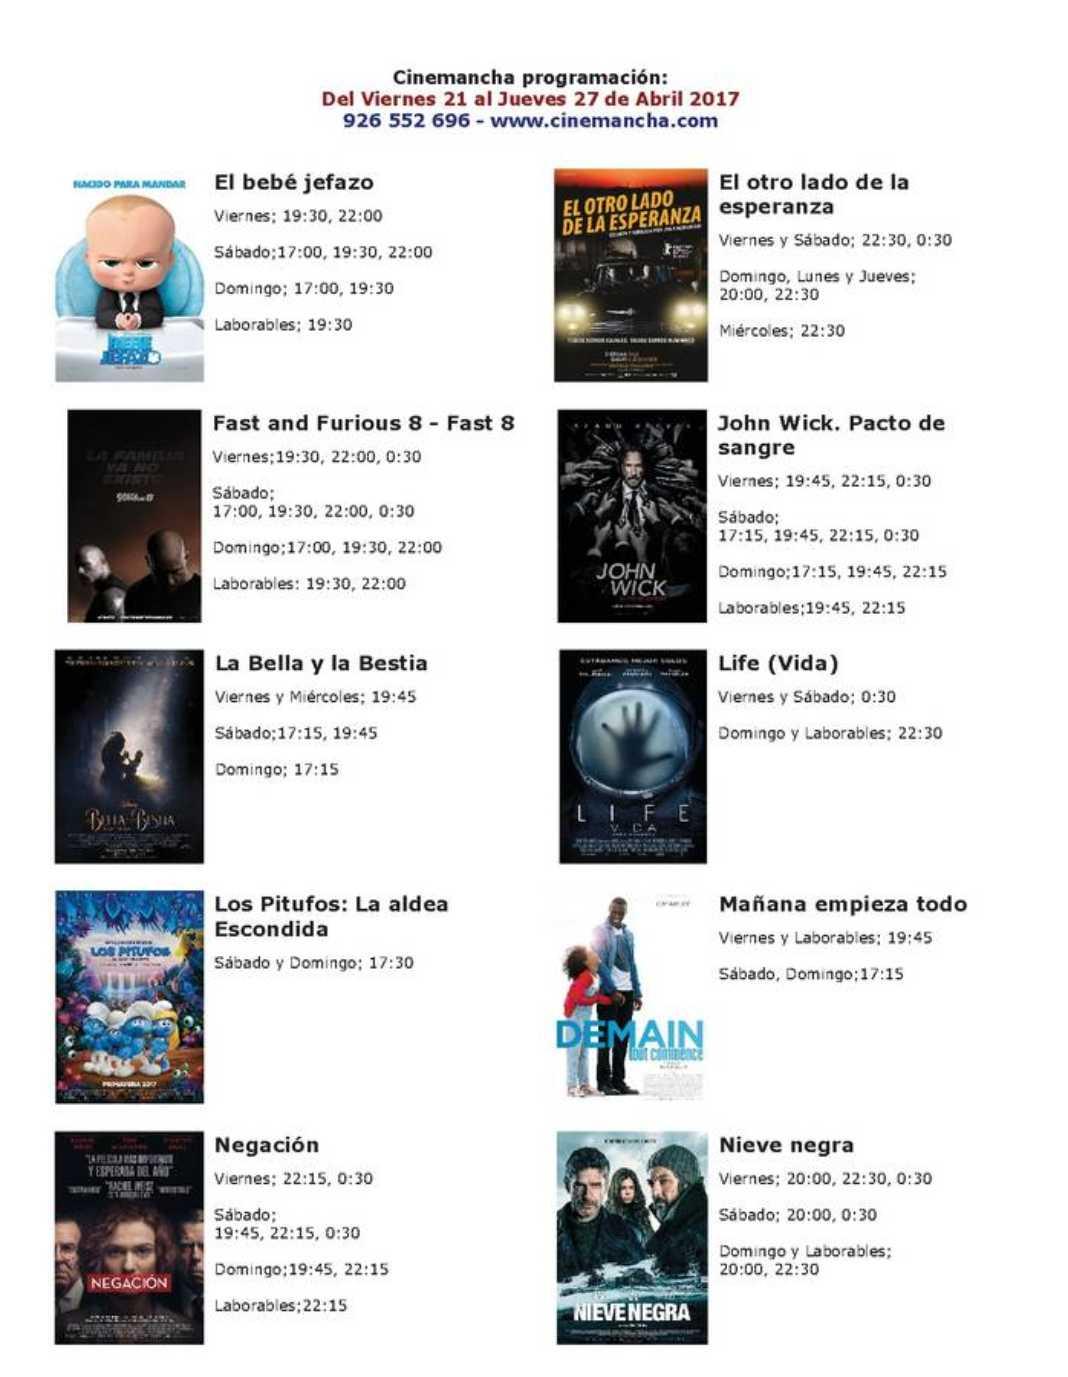 cartelera de cinemancha del 21 al 27 de abril 1068x1377 - Cartelera Cinemancha del viernes 21 al jueves 27 de abril.